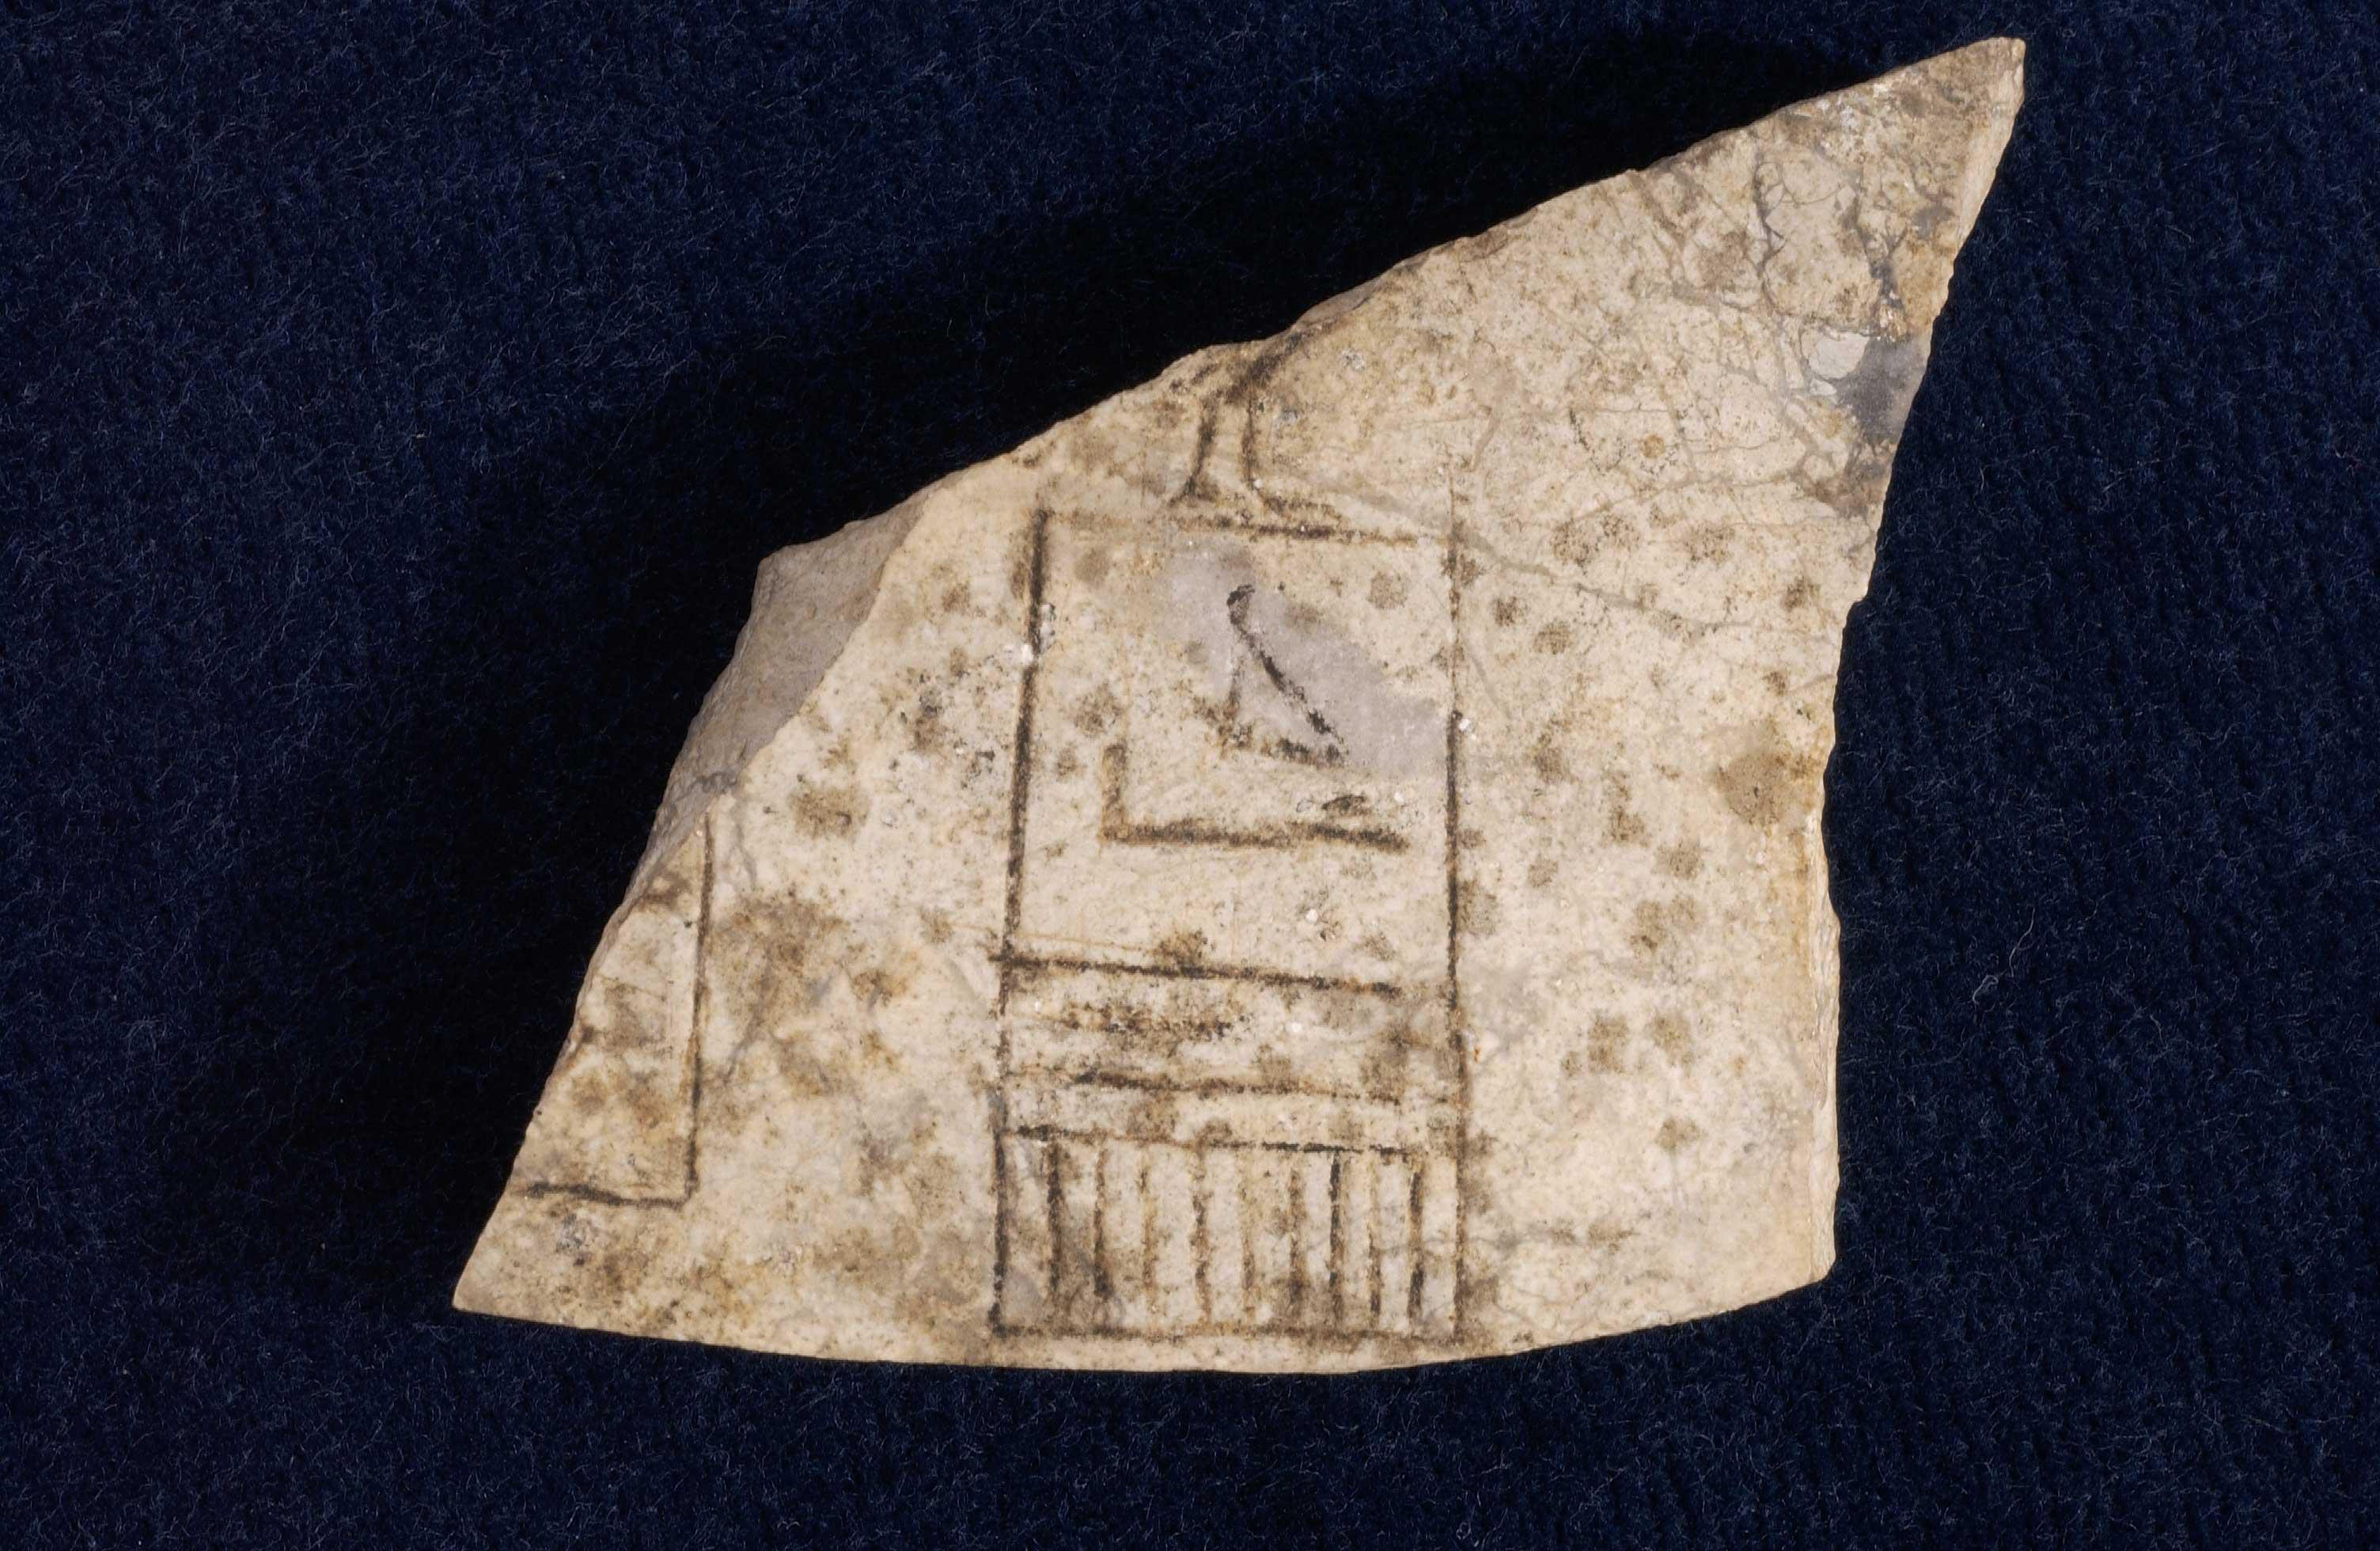 Stone vessel sherd